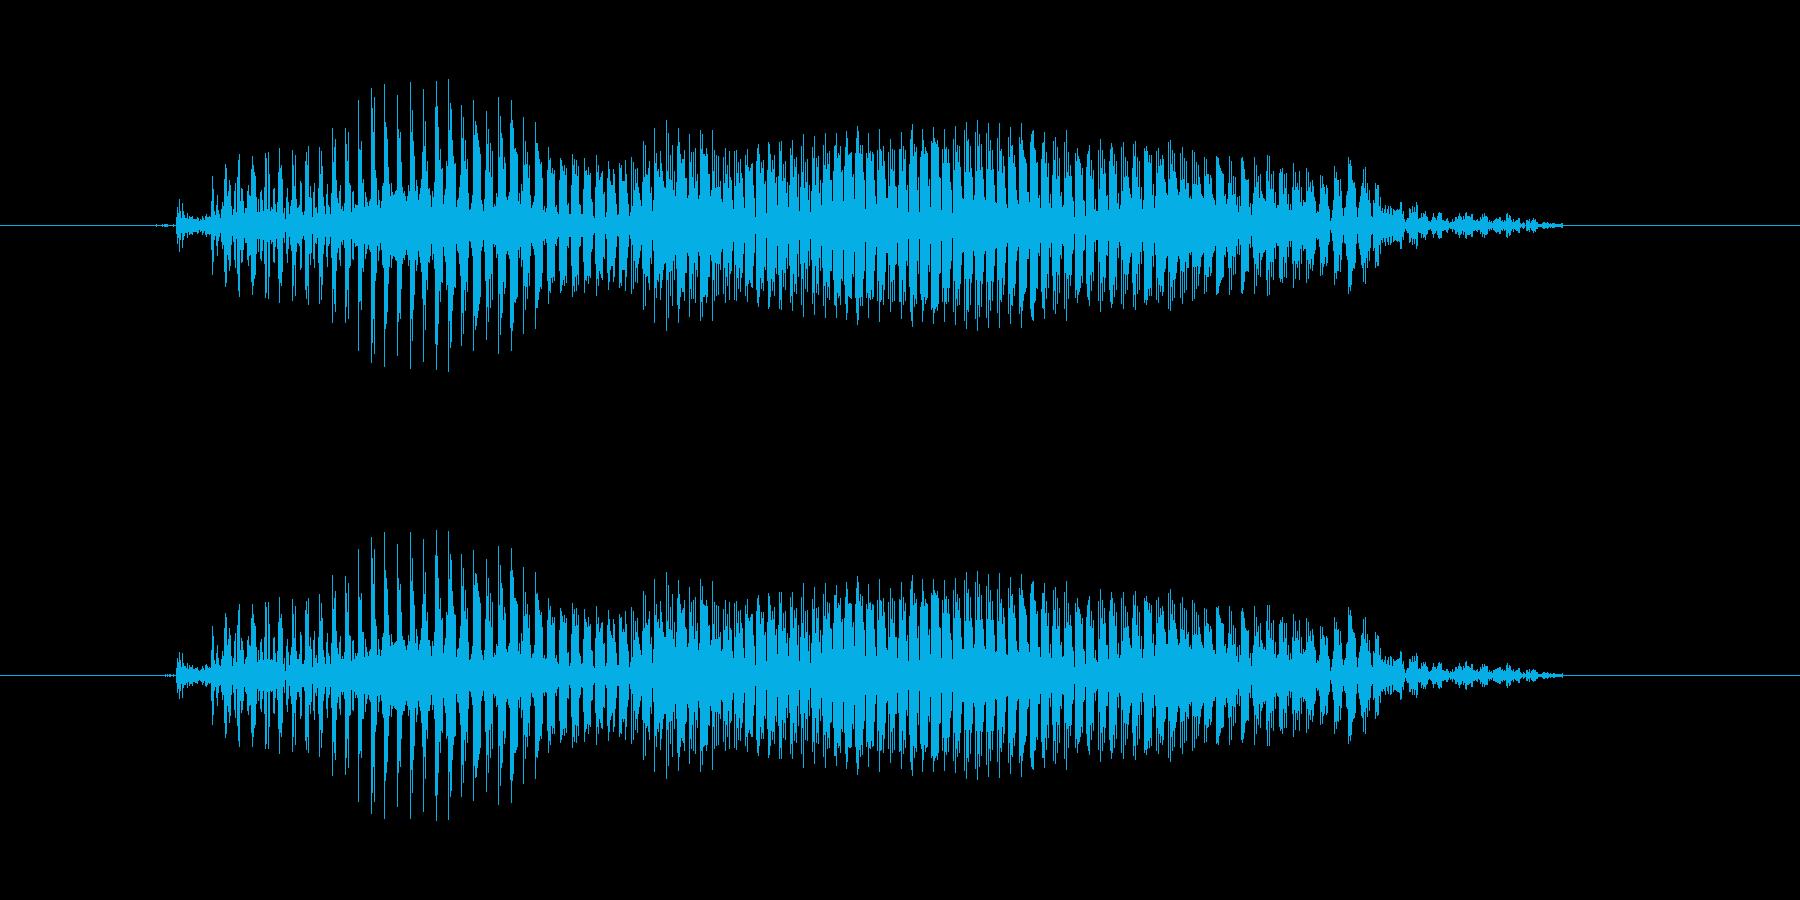 【子供の戦闘ボイス】とう!(中攻撃)の再生済みの波形